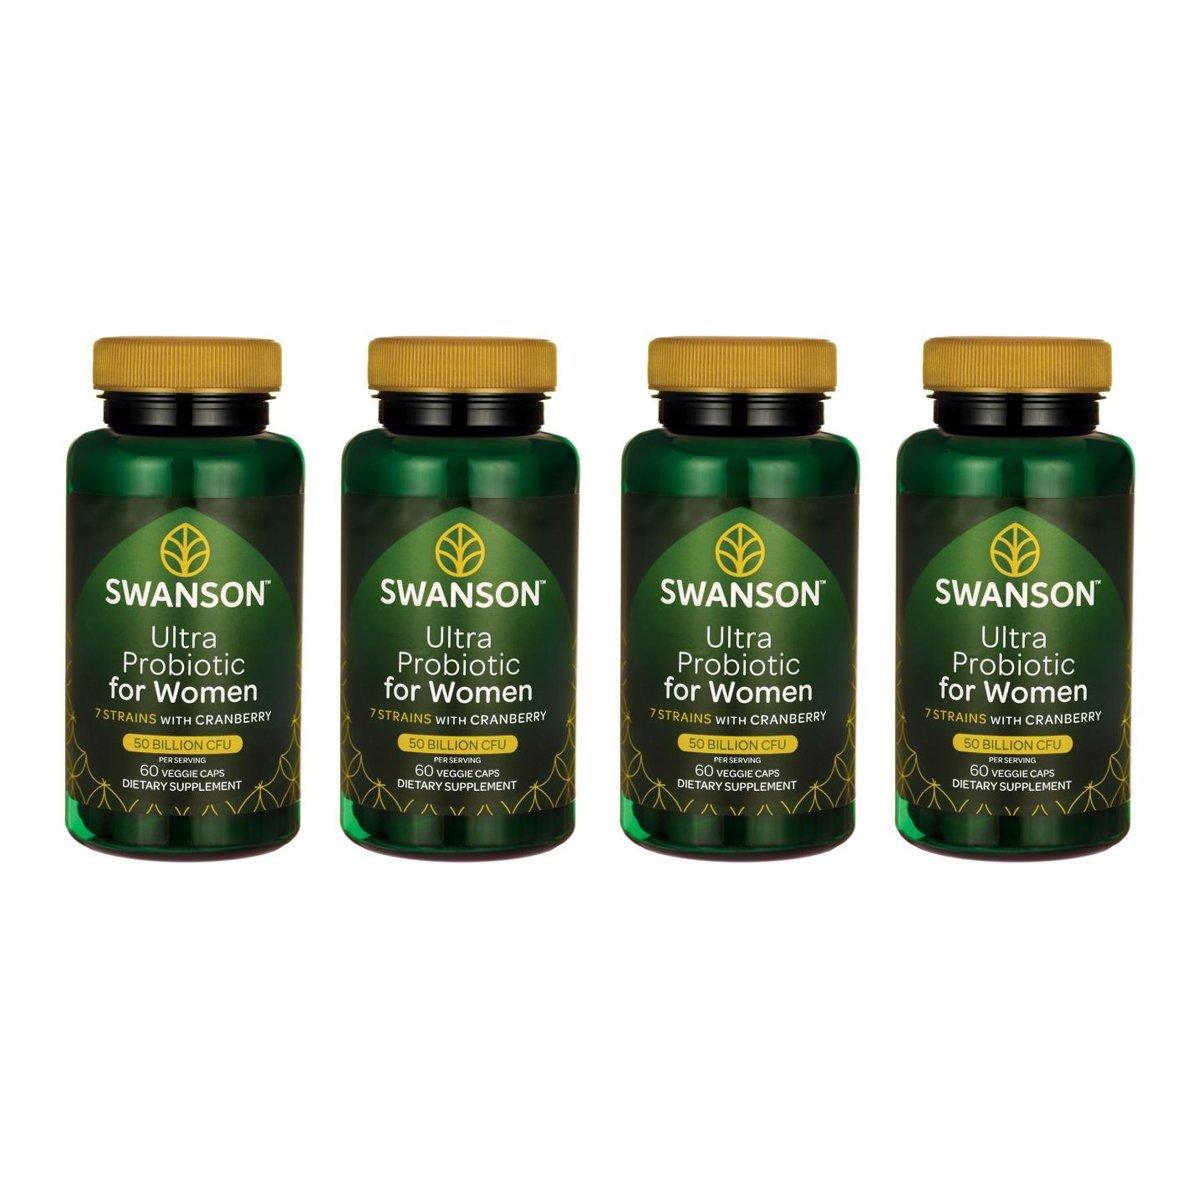 Swanson Ultra Probiotic for Women 25 Billion Cfu 60 Veg Caps 4 Pack